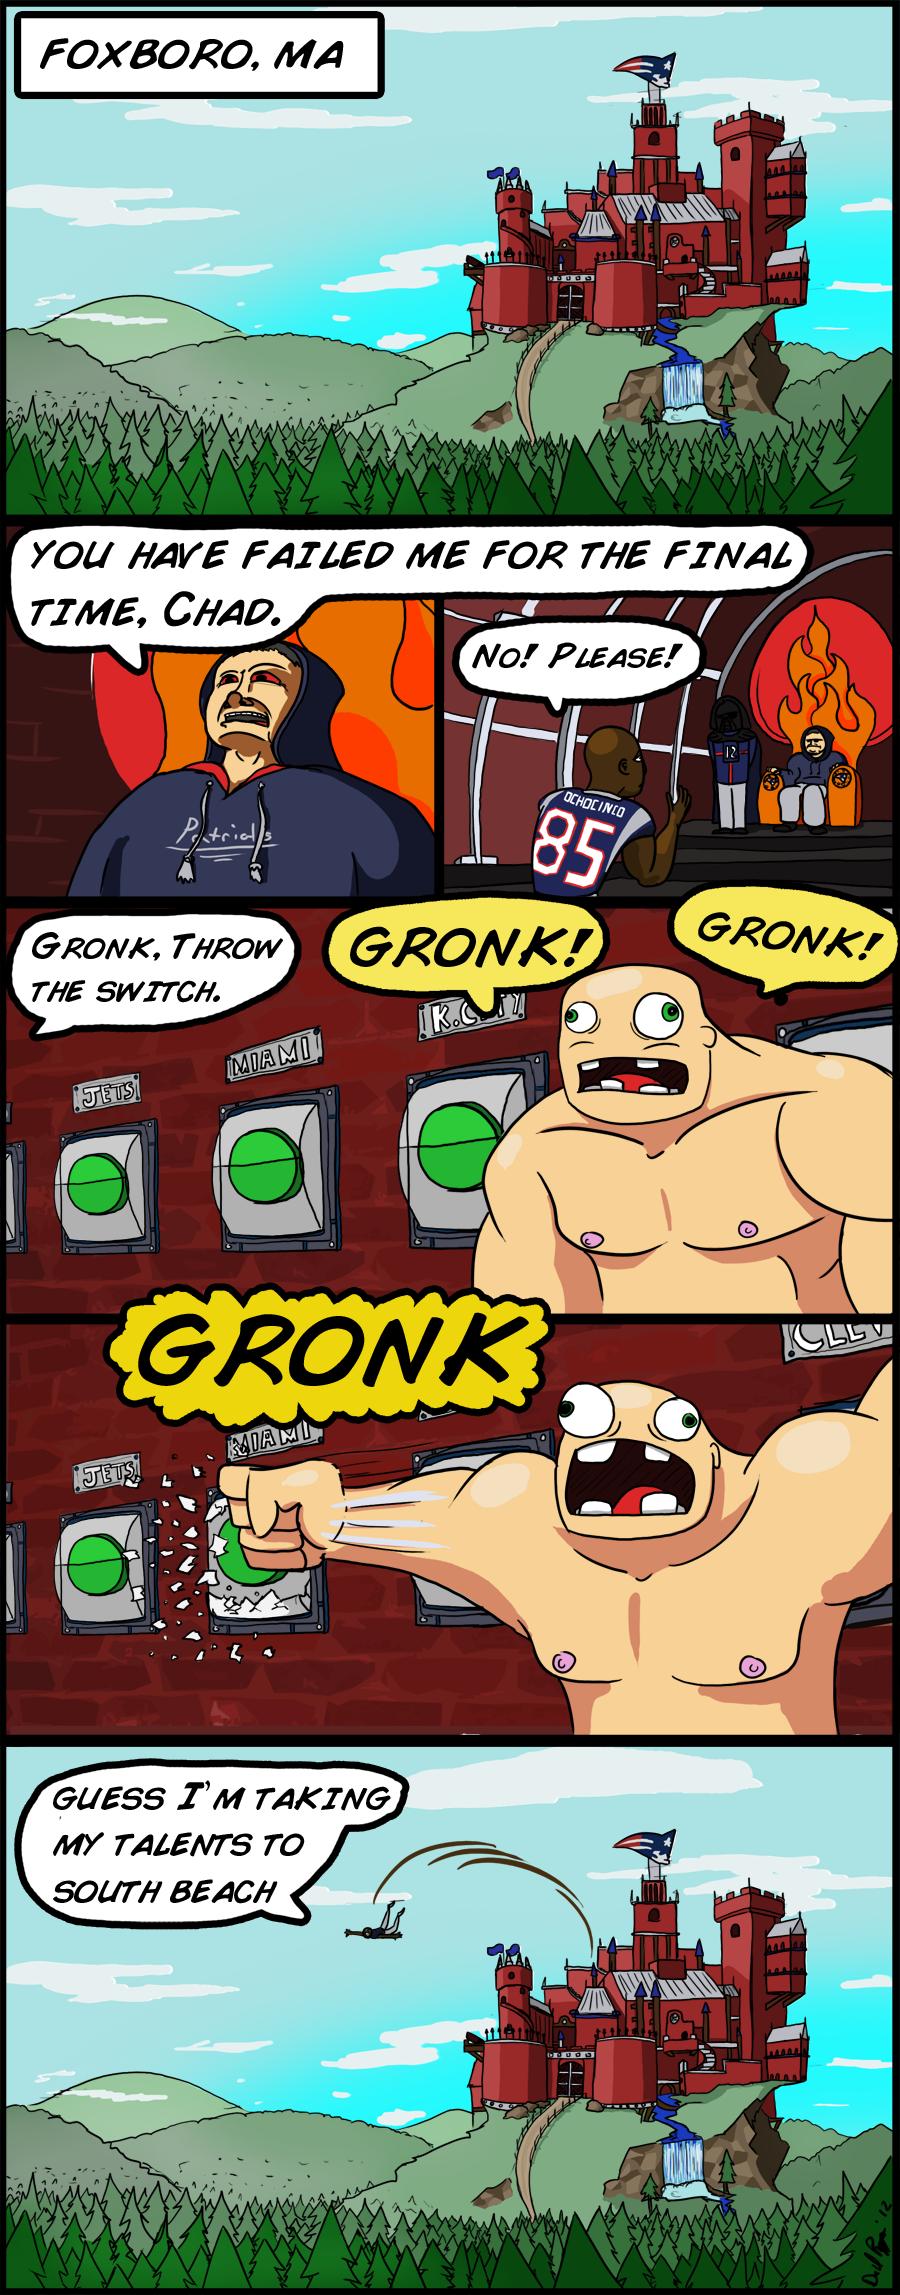 GRONK GRONK